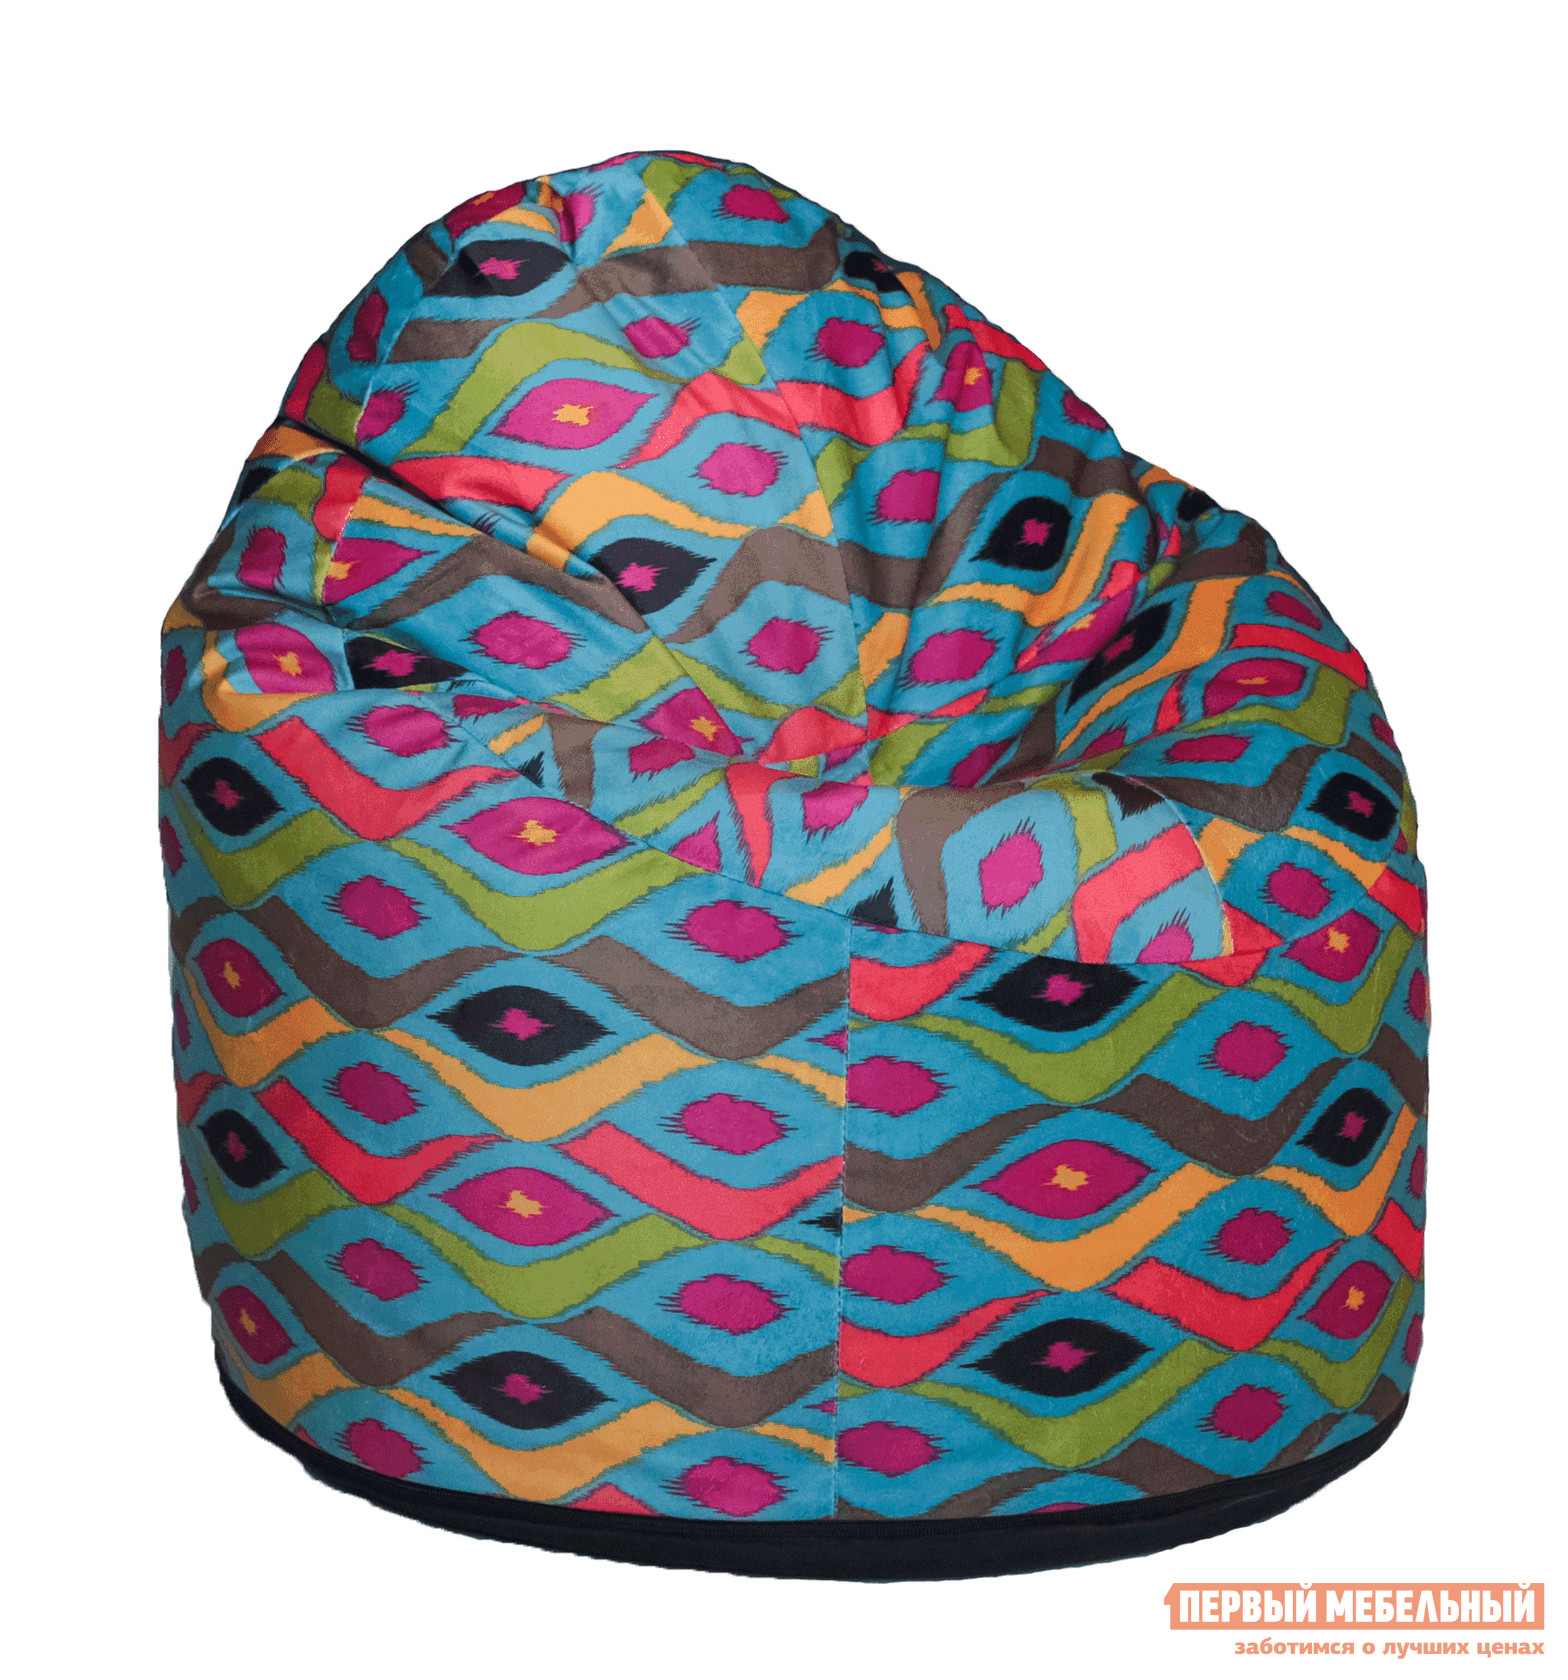 Детский пуфик DreamBag Детское Кресло Пенек кресло мешок dreambag пенек австралия savannah